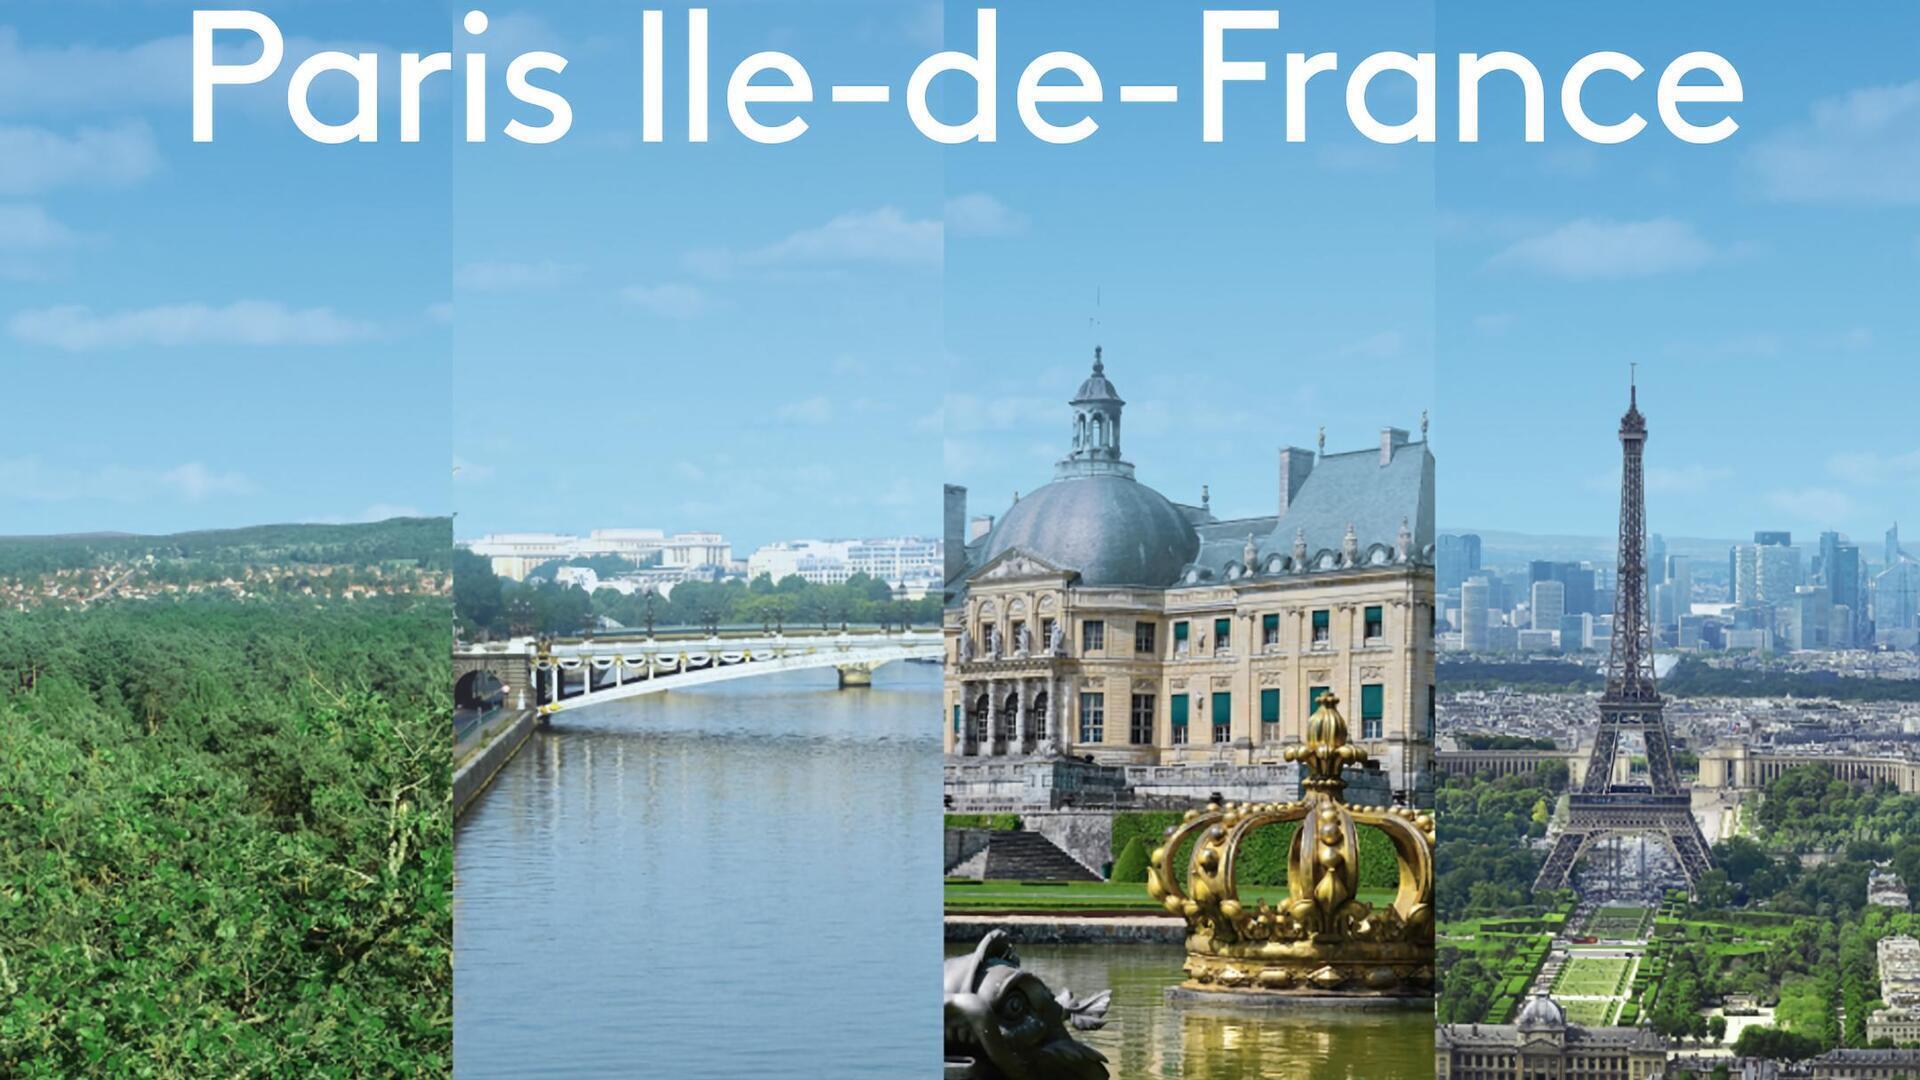 12/13 Paris Ile-de-France